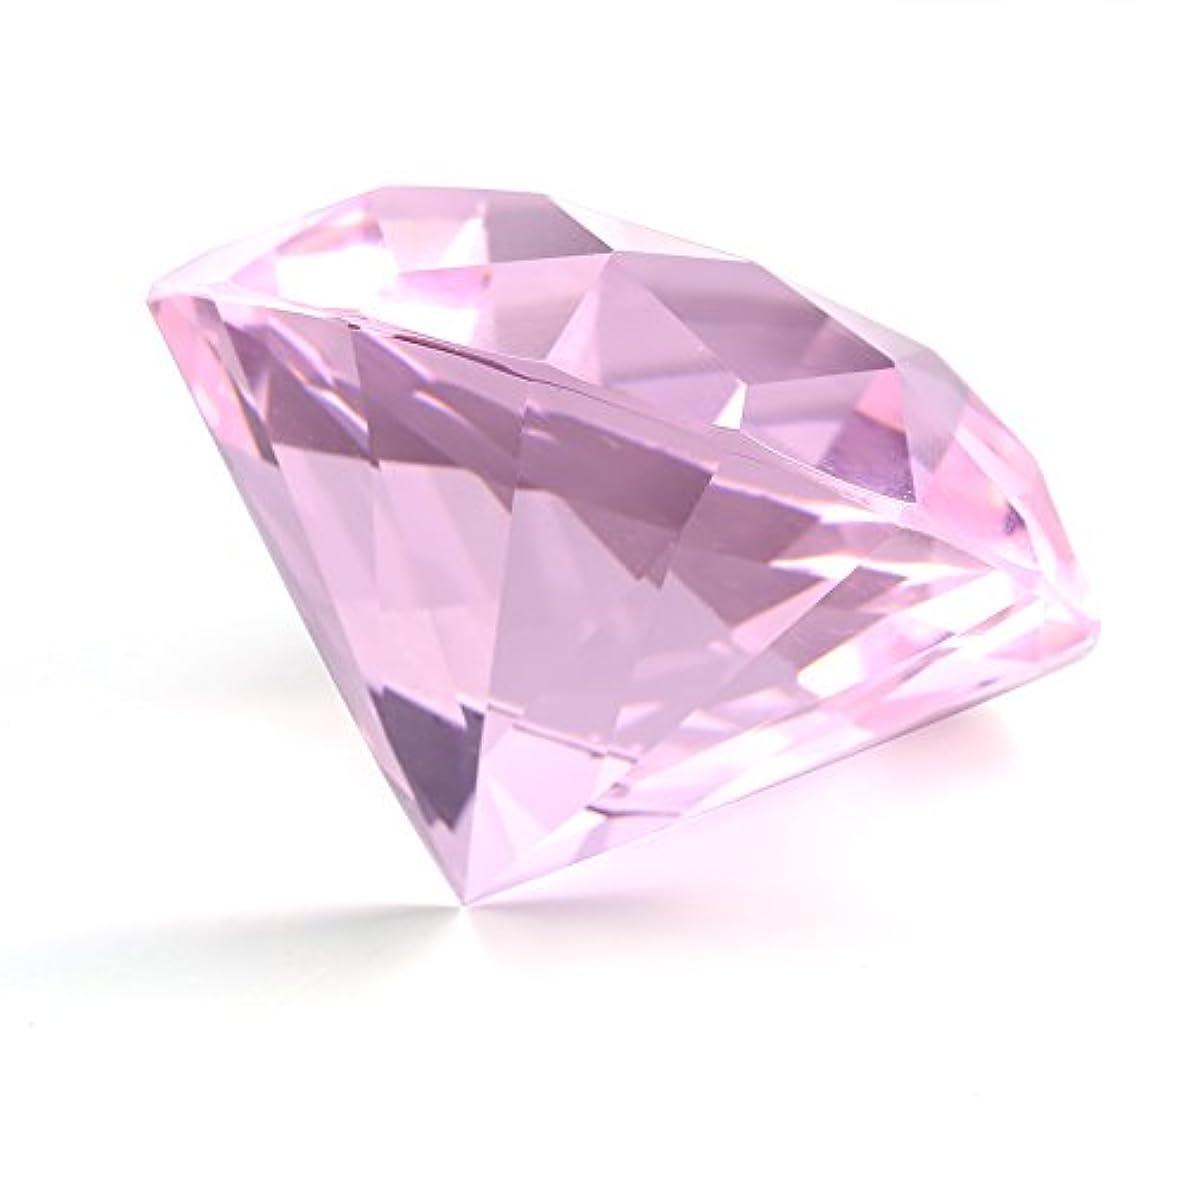 物理的にソーシャルに負ける2色 ネイルアート ディスプレイガラス、クリスタルダイヤモンドハンドモデル撮影飾りマニキュアアクセサリー(1)